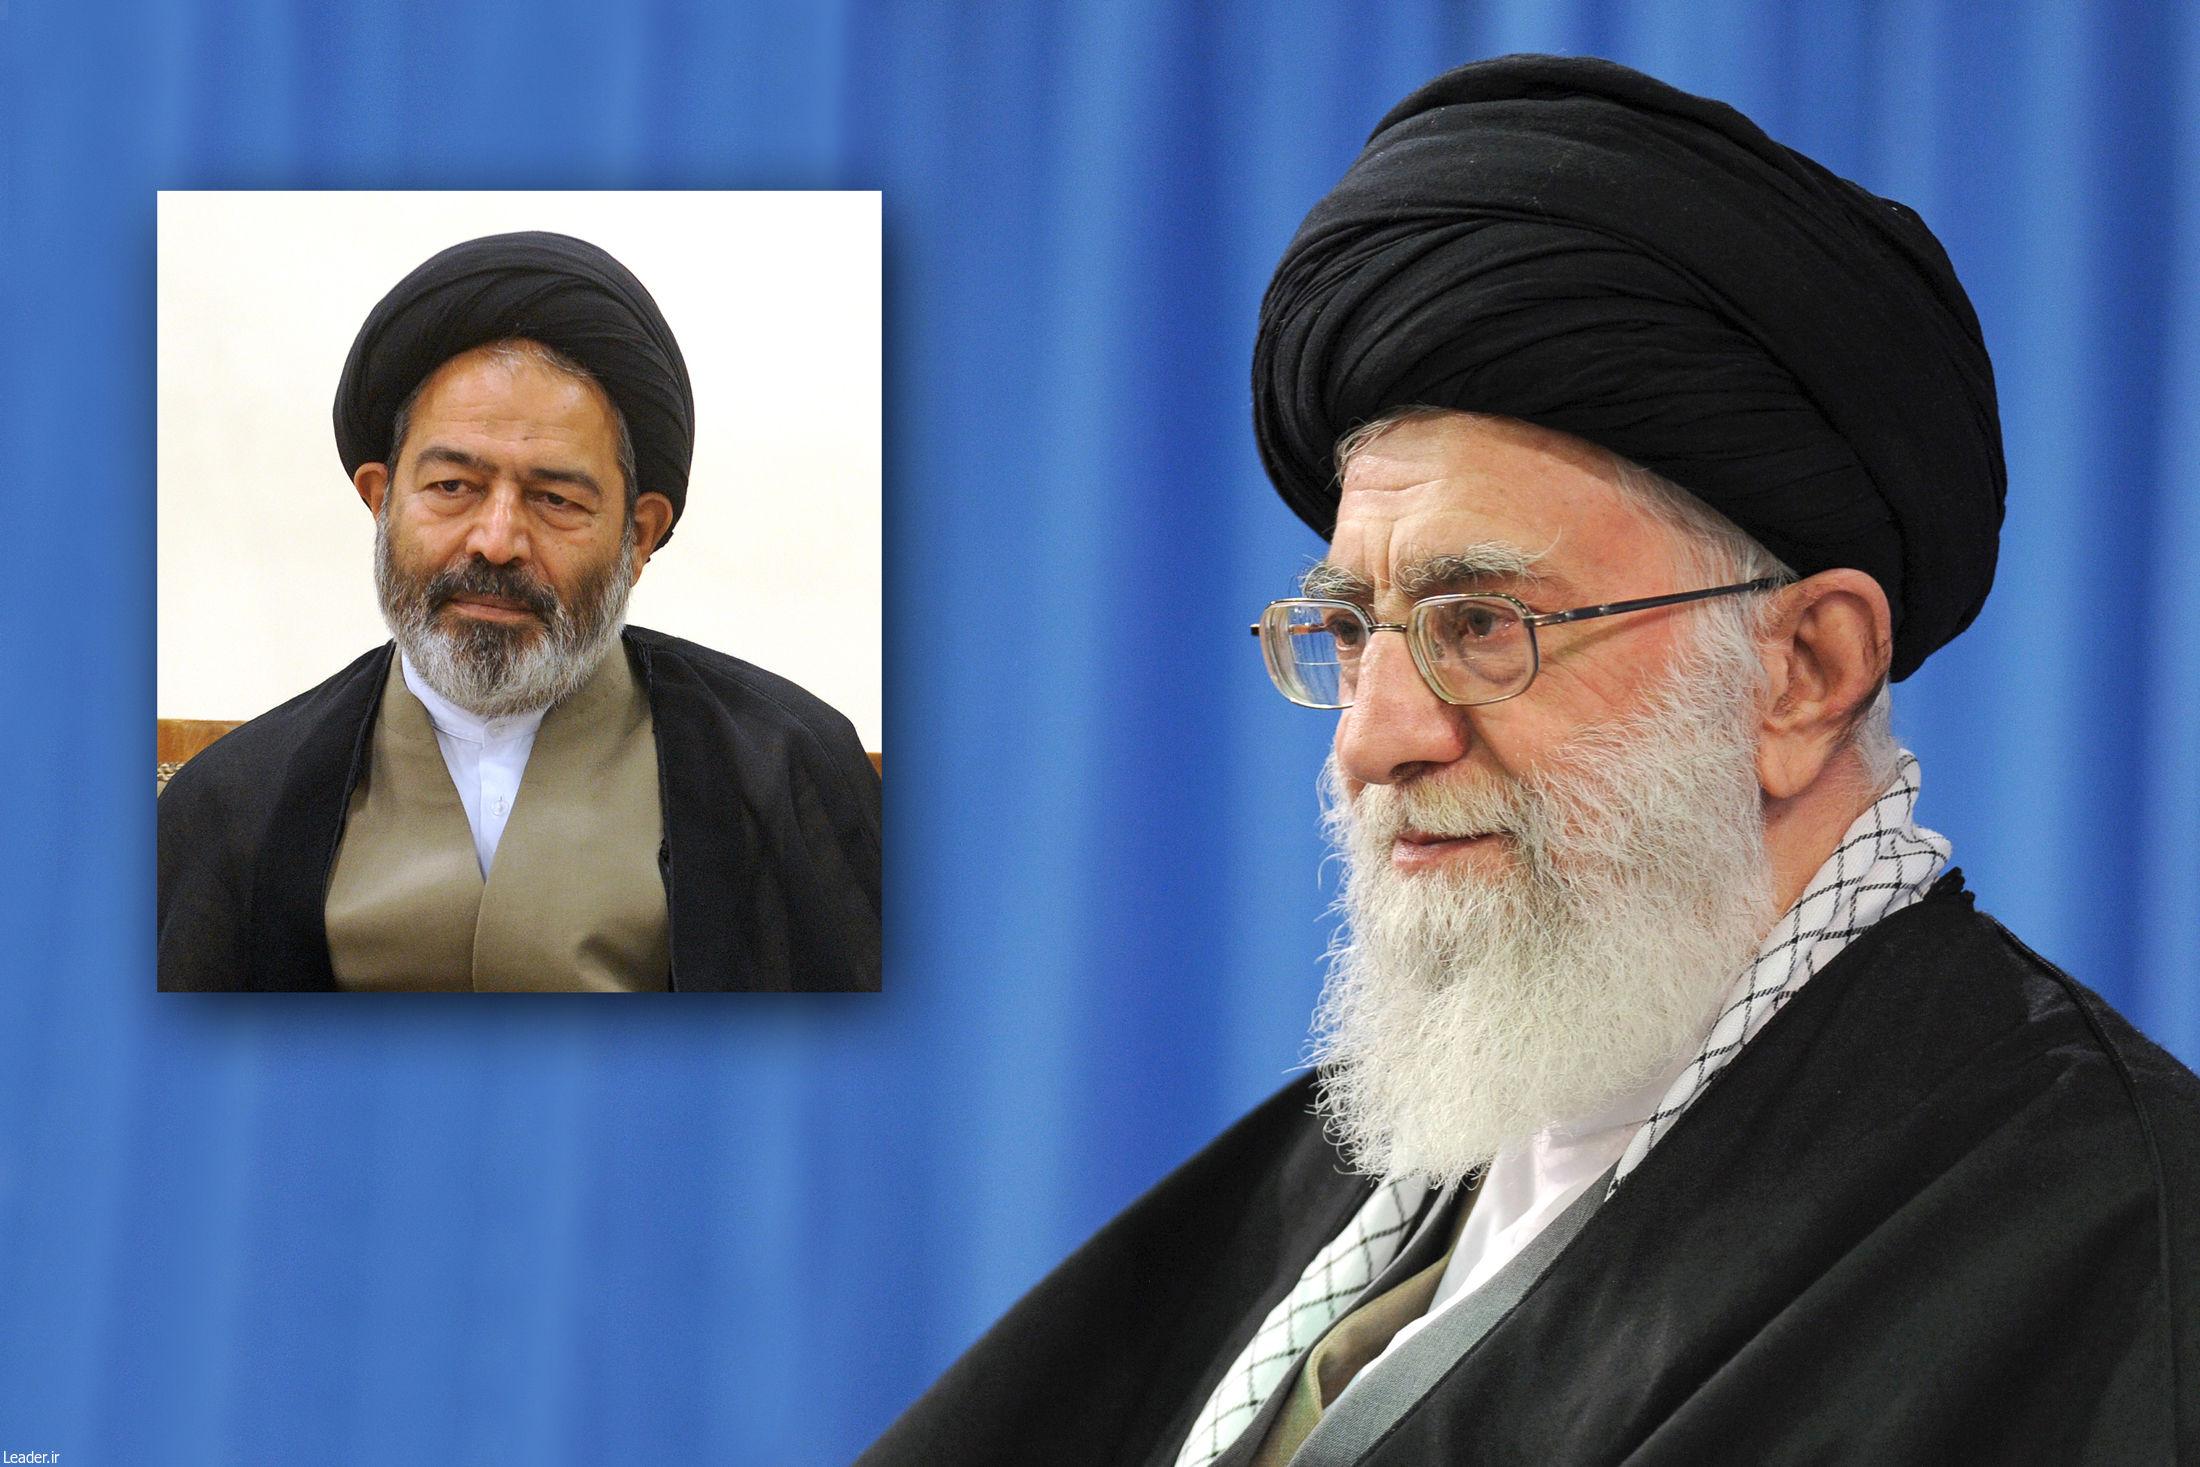 انتصاب نماینده ولیفقیه در امور حج و زیارت و سرپرست حجاج ایرانی